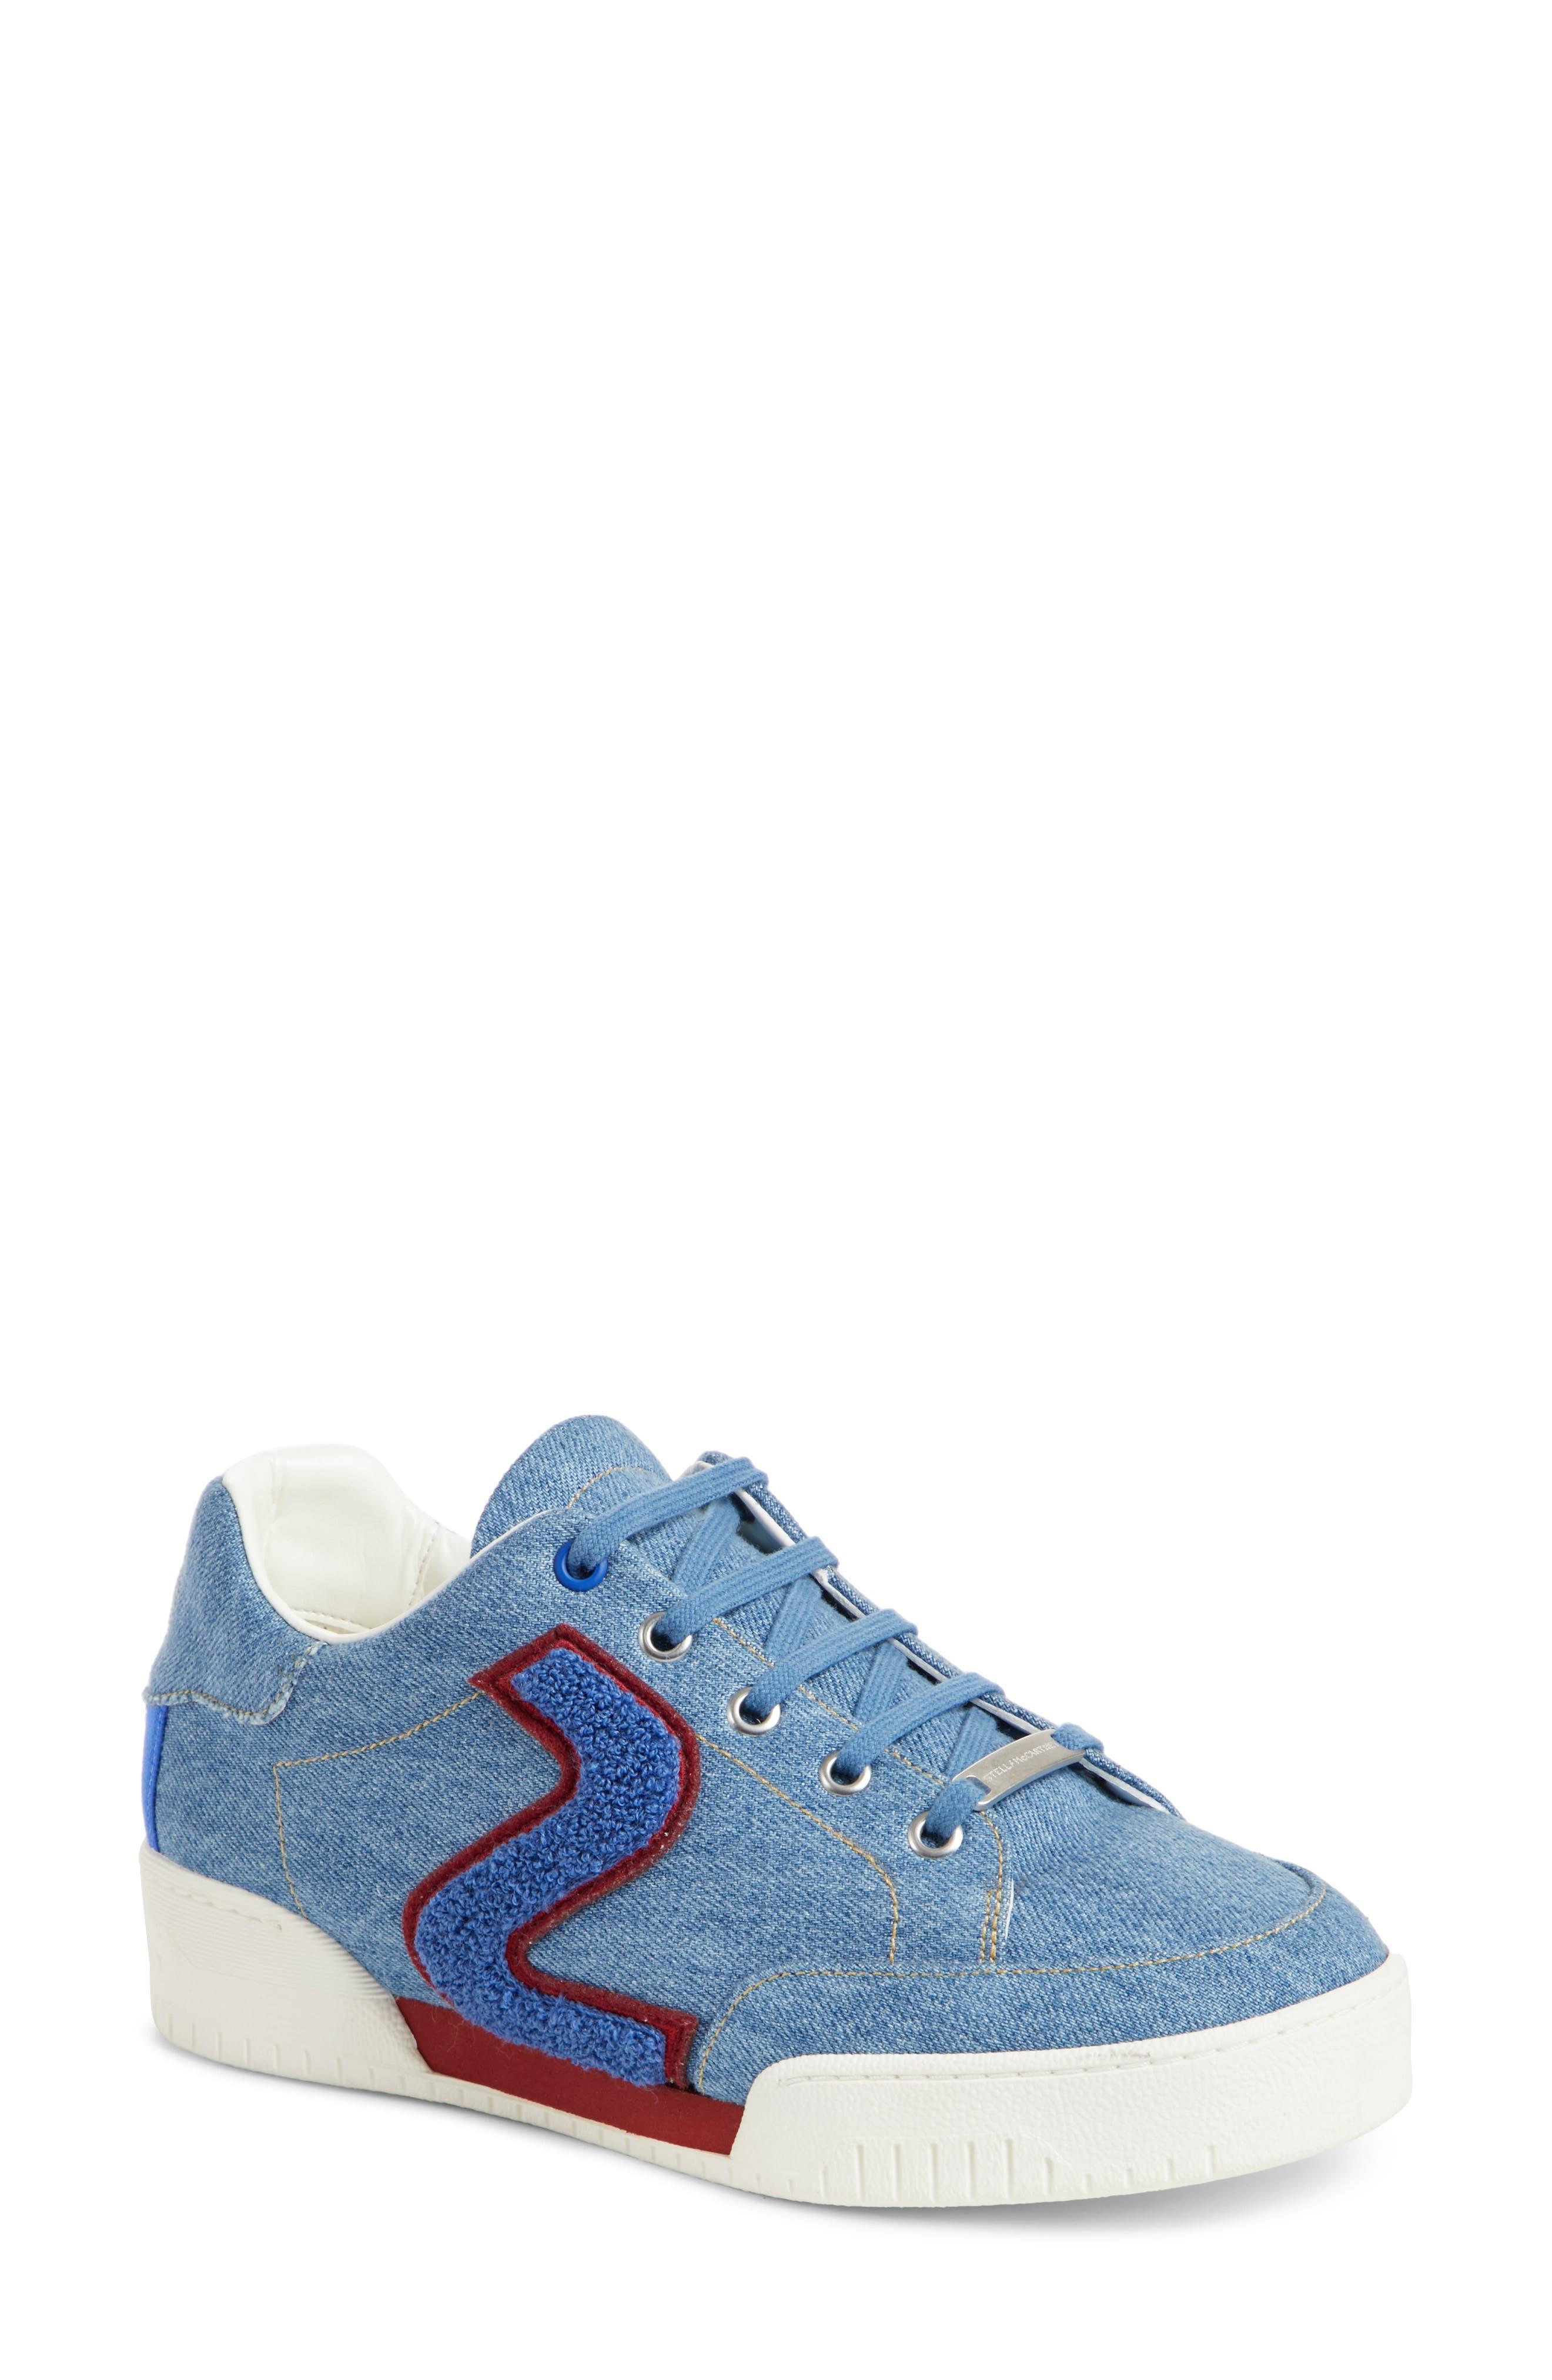 Low Top Sneaker,                         Main,                         color,